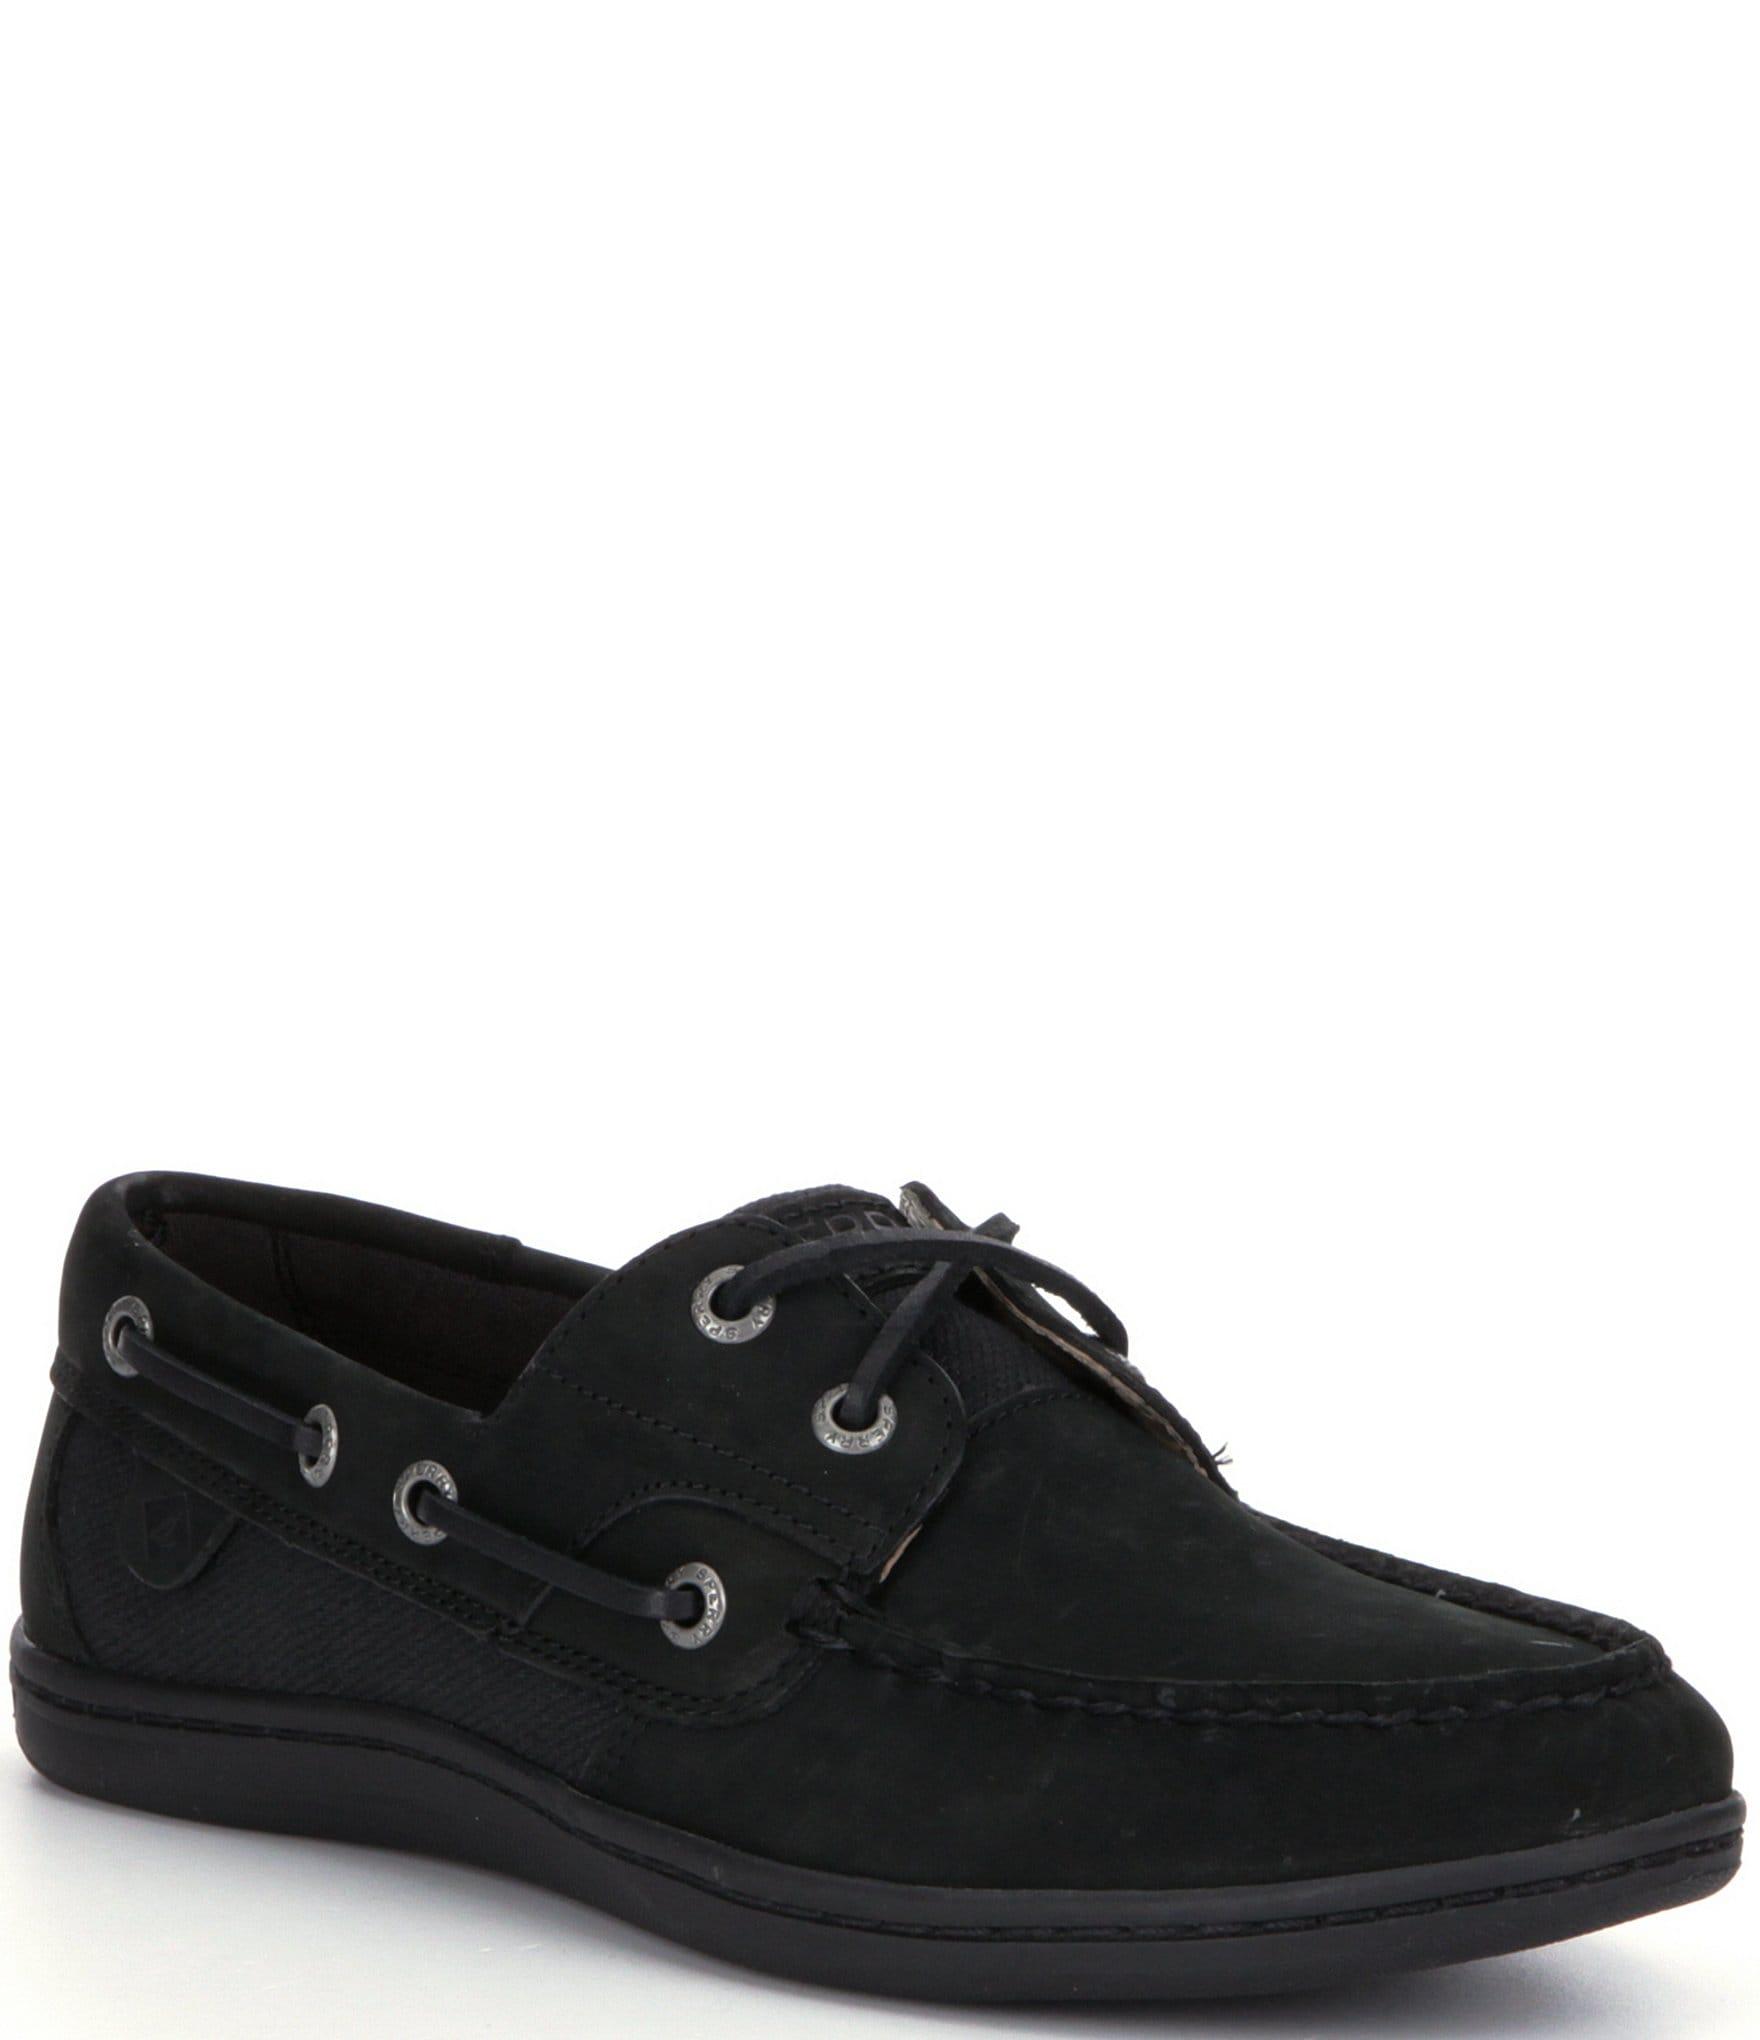 sperry shoes dillards com